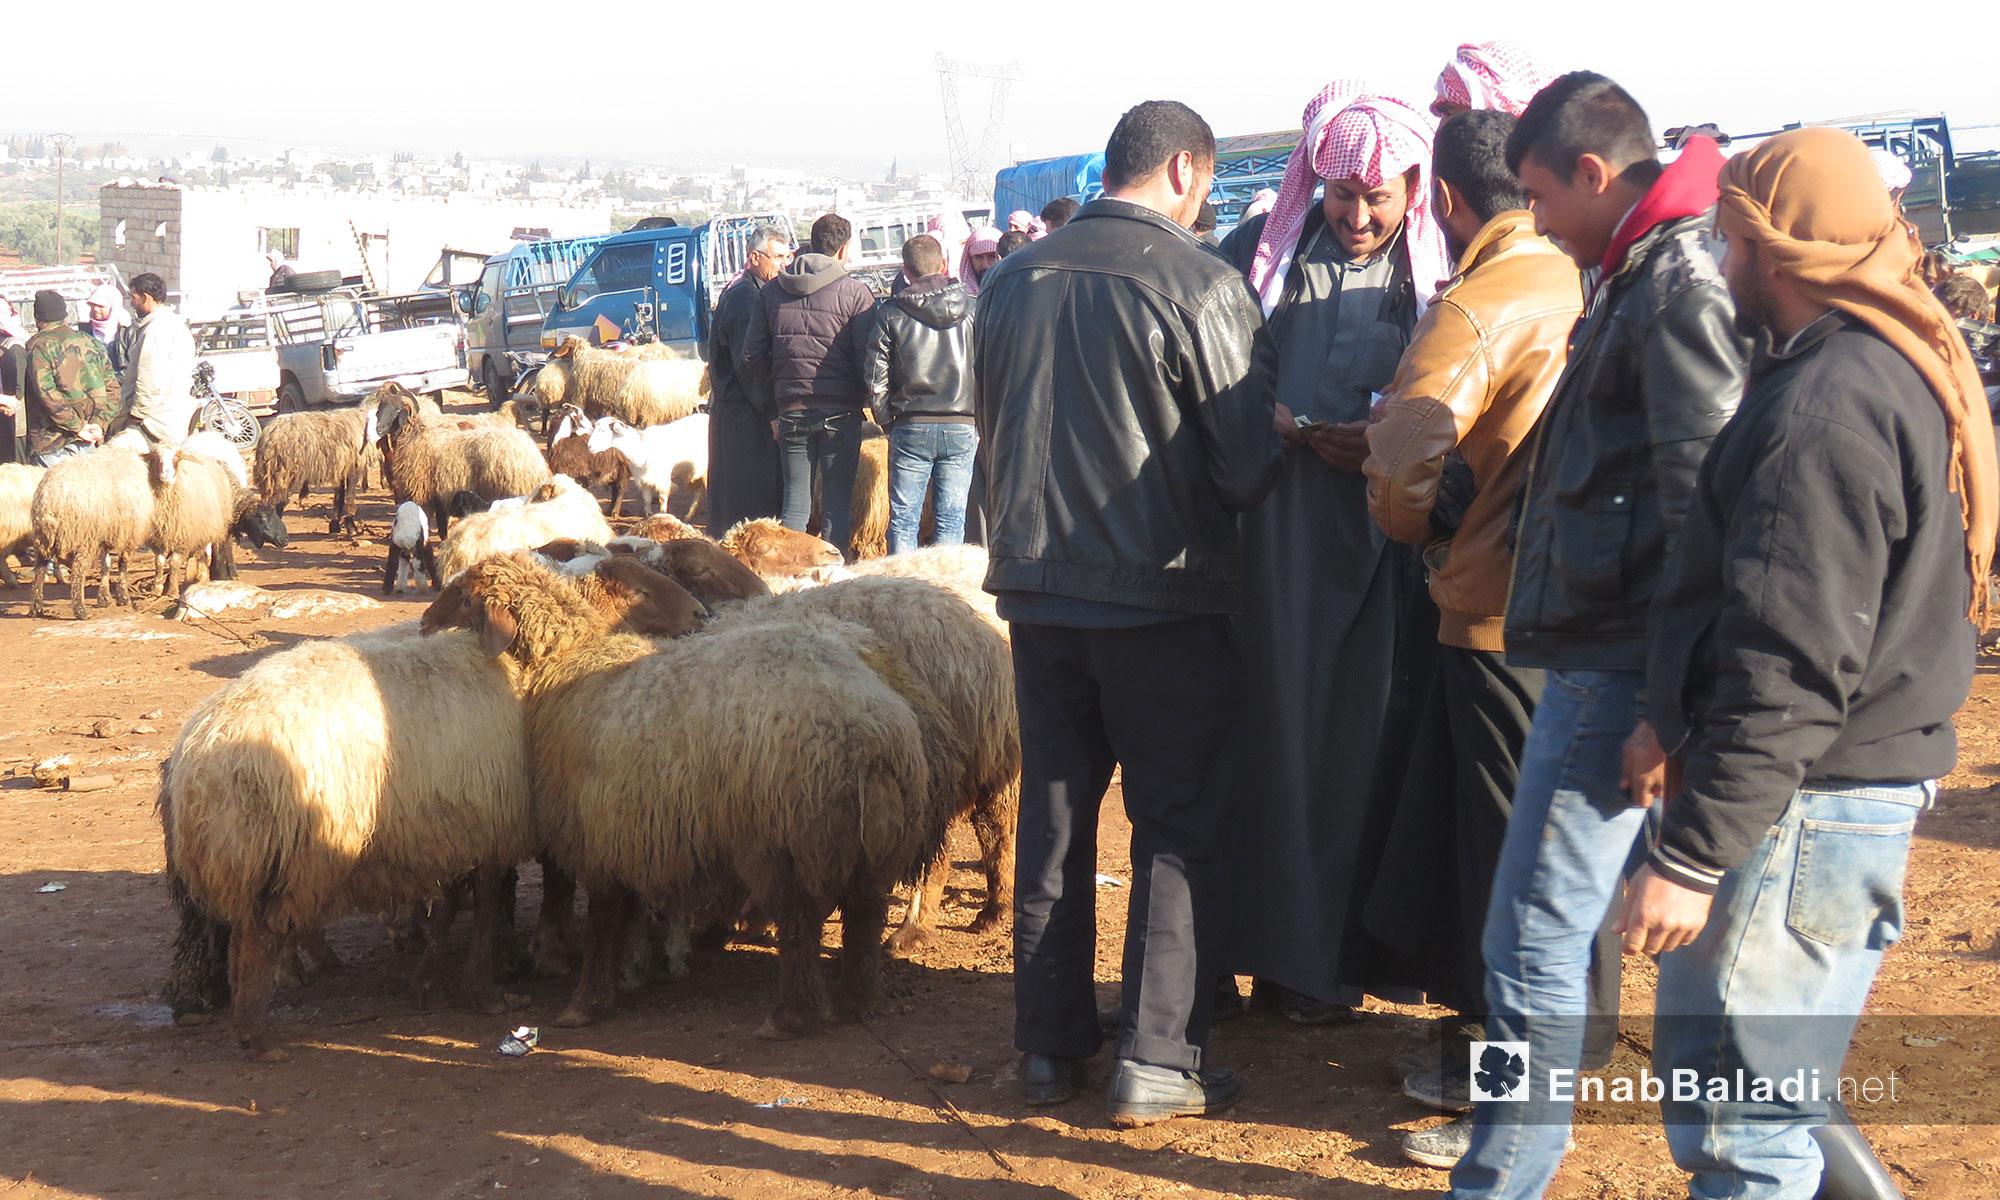 سوق الغنم بريف ادلب الجنوبي - 28 كانون الثاني 2018 (عنب بلدي)